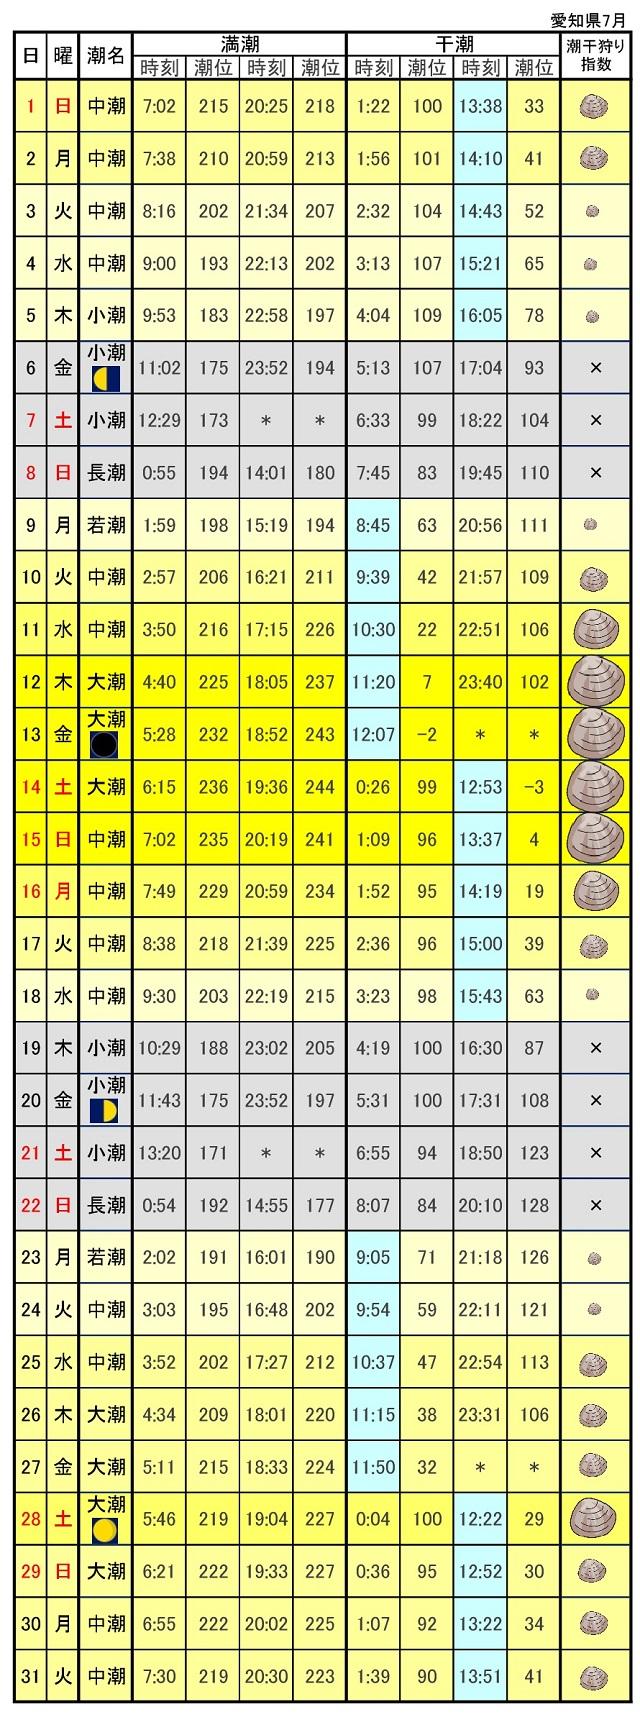 愛知県潮干狩り潮見表2018年7月